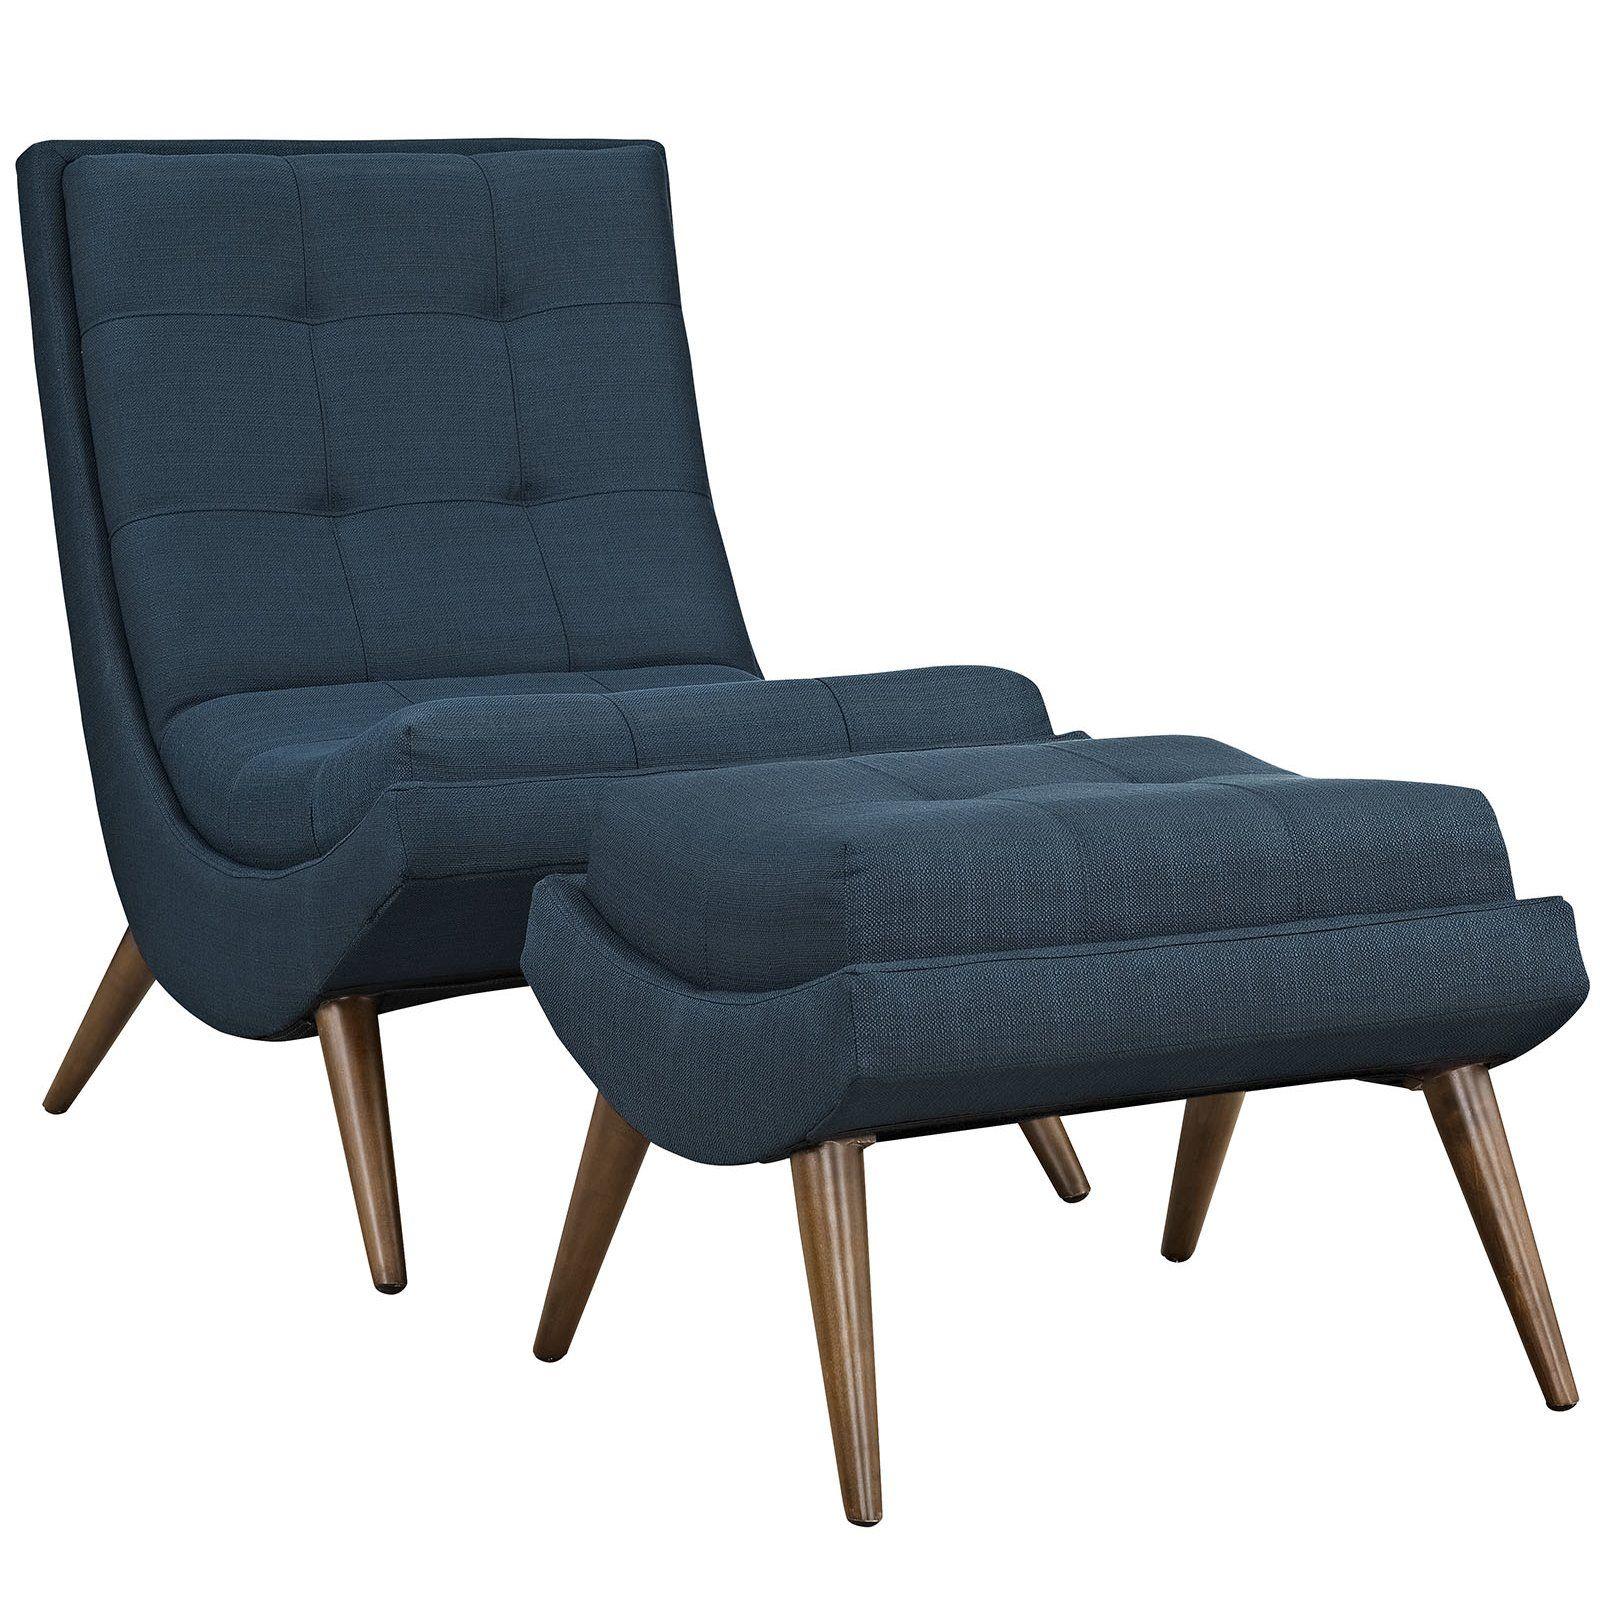 Sessel Und Hocker Sessel Und Hocker Gewinnen Sie Eine Reizvolle Atmosphare Mit Neue Sessel Und Hocker Das Mod Lounge Stuhl Wohnzimmersessel Moderne Zimmer